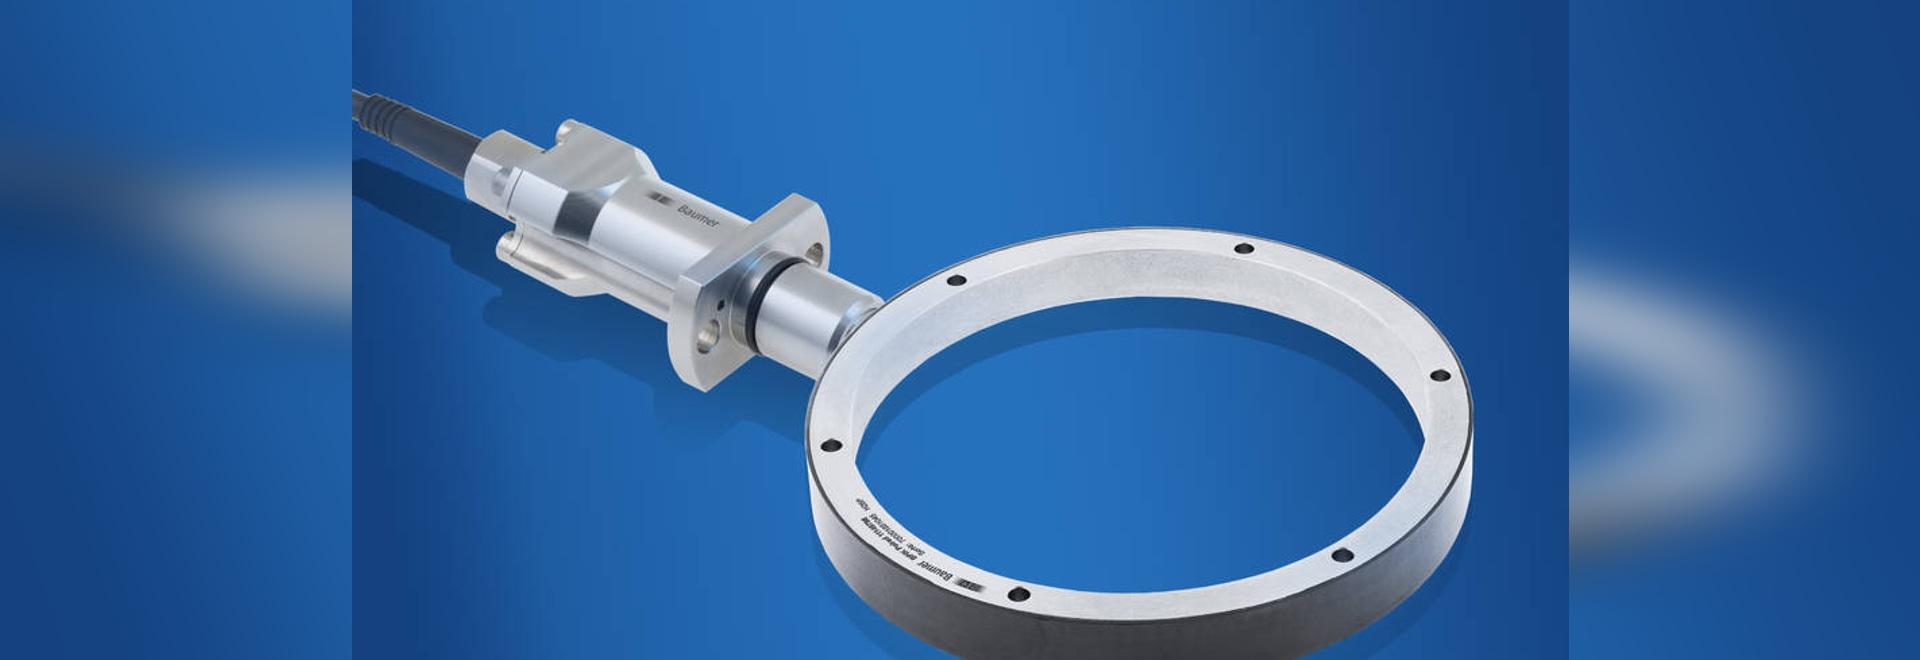 Un détecteur d'impulsion sans roulement pour essieu et pour une meilleure traction des véhicules ferroviaires